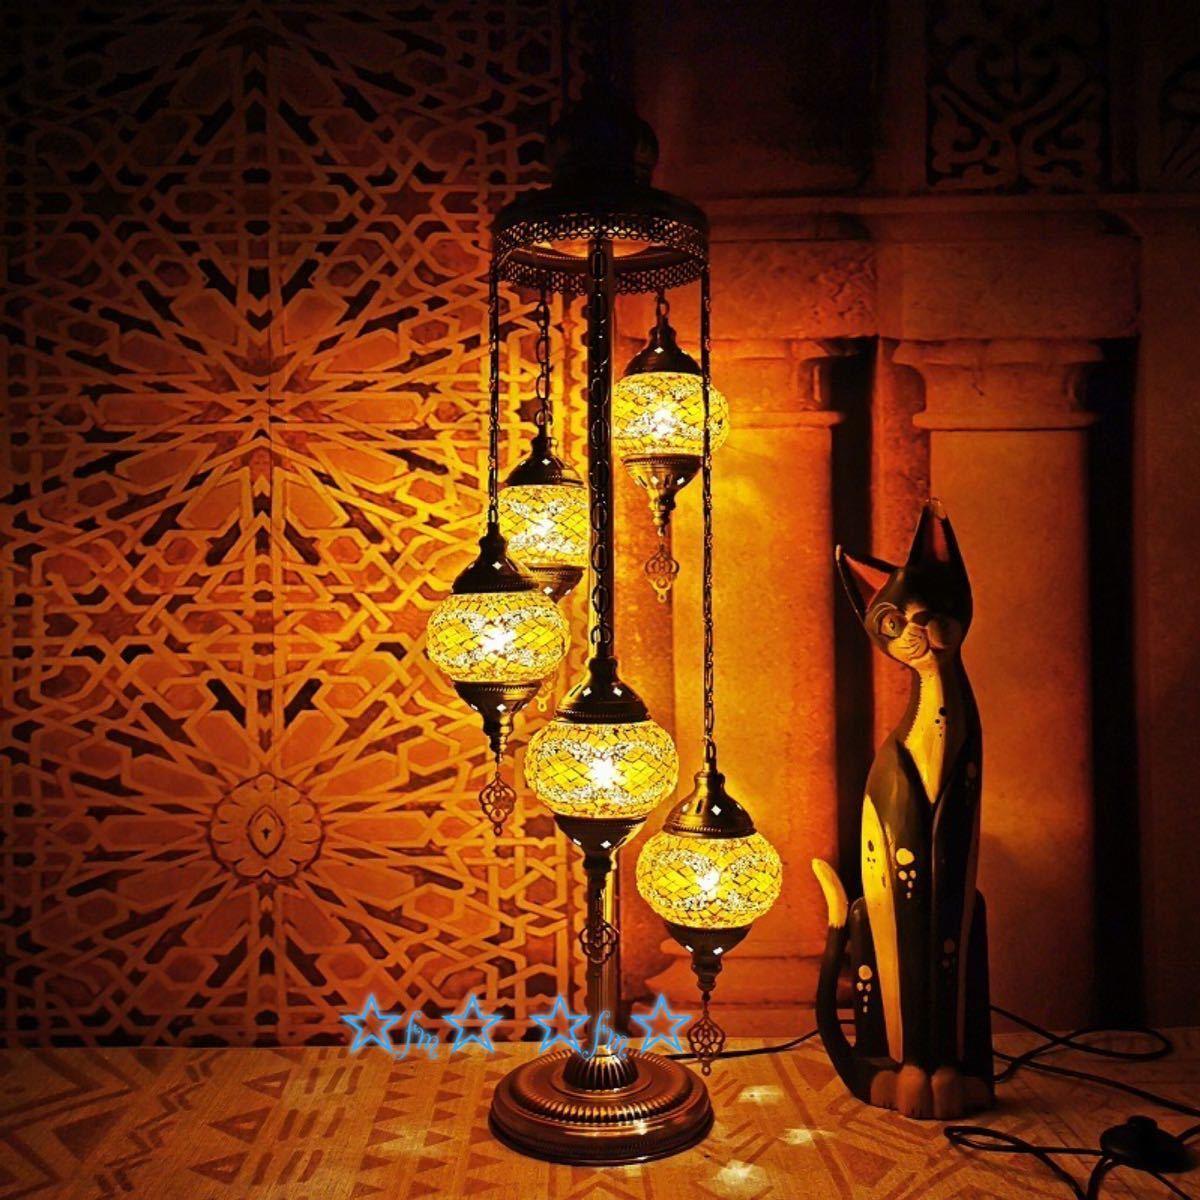 暖かい温もりを 5灯モザイクランプ 再入荷 予約販売 トルコランプガラス照明アンティーク調フロアライト 国内正規品 フロアスタンド